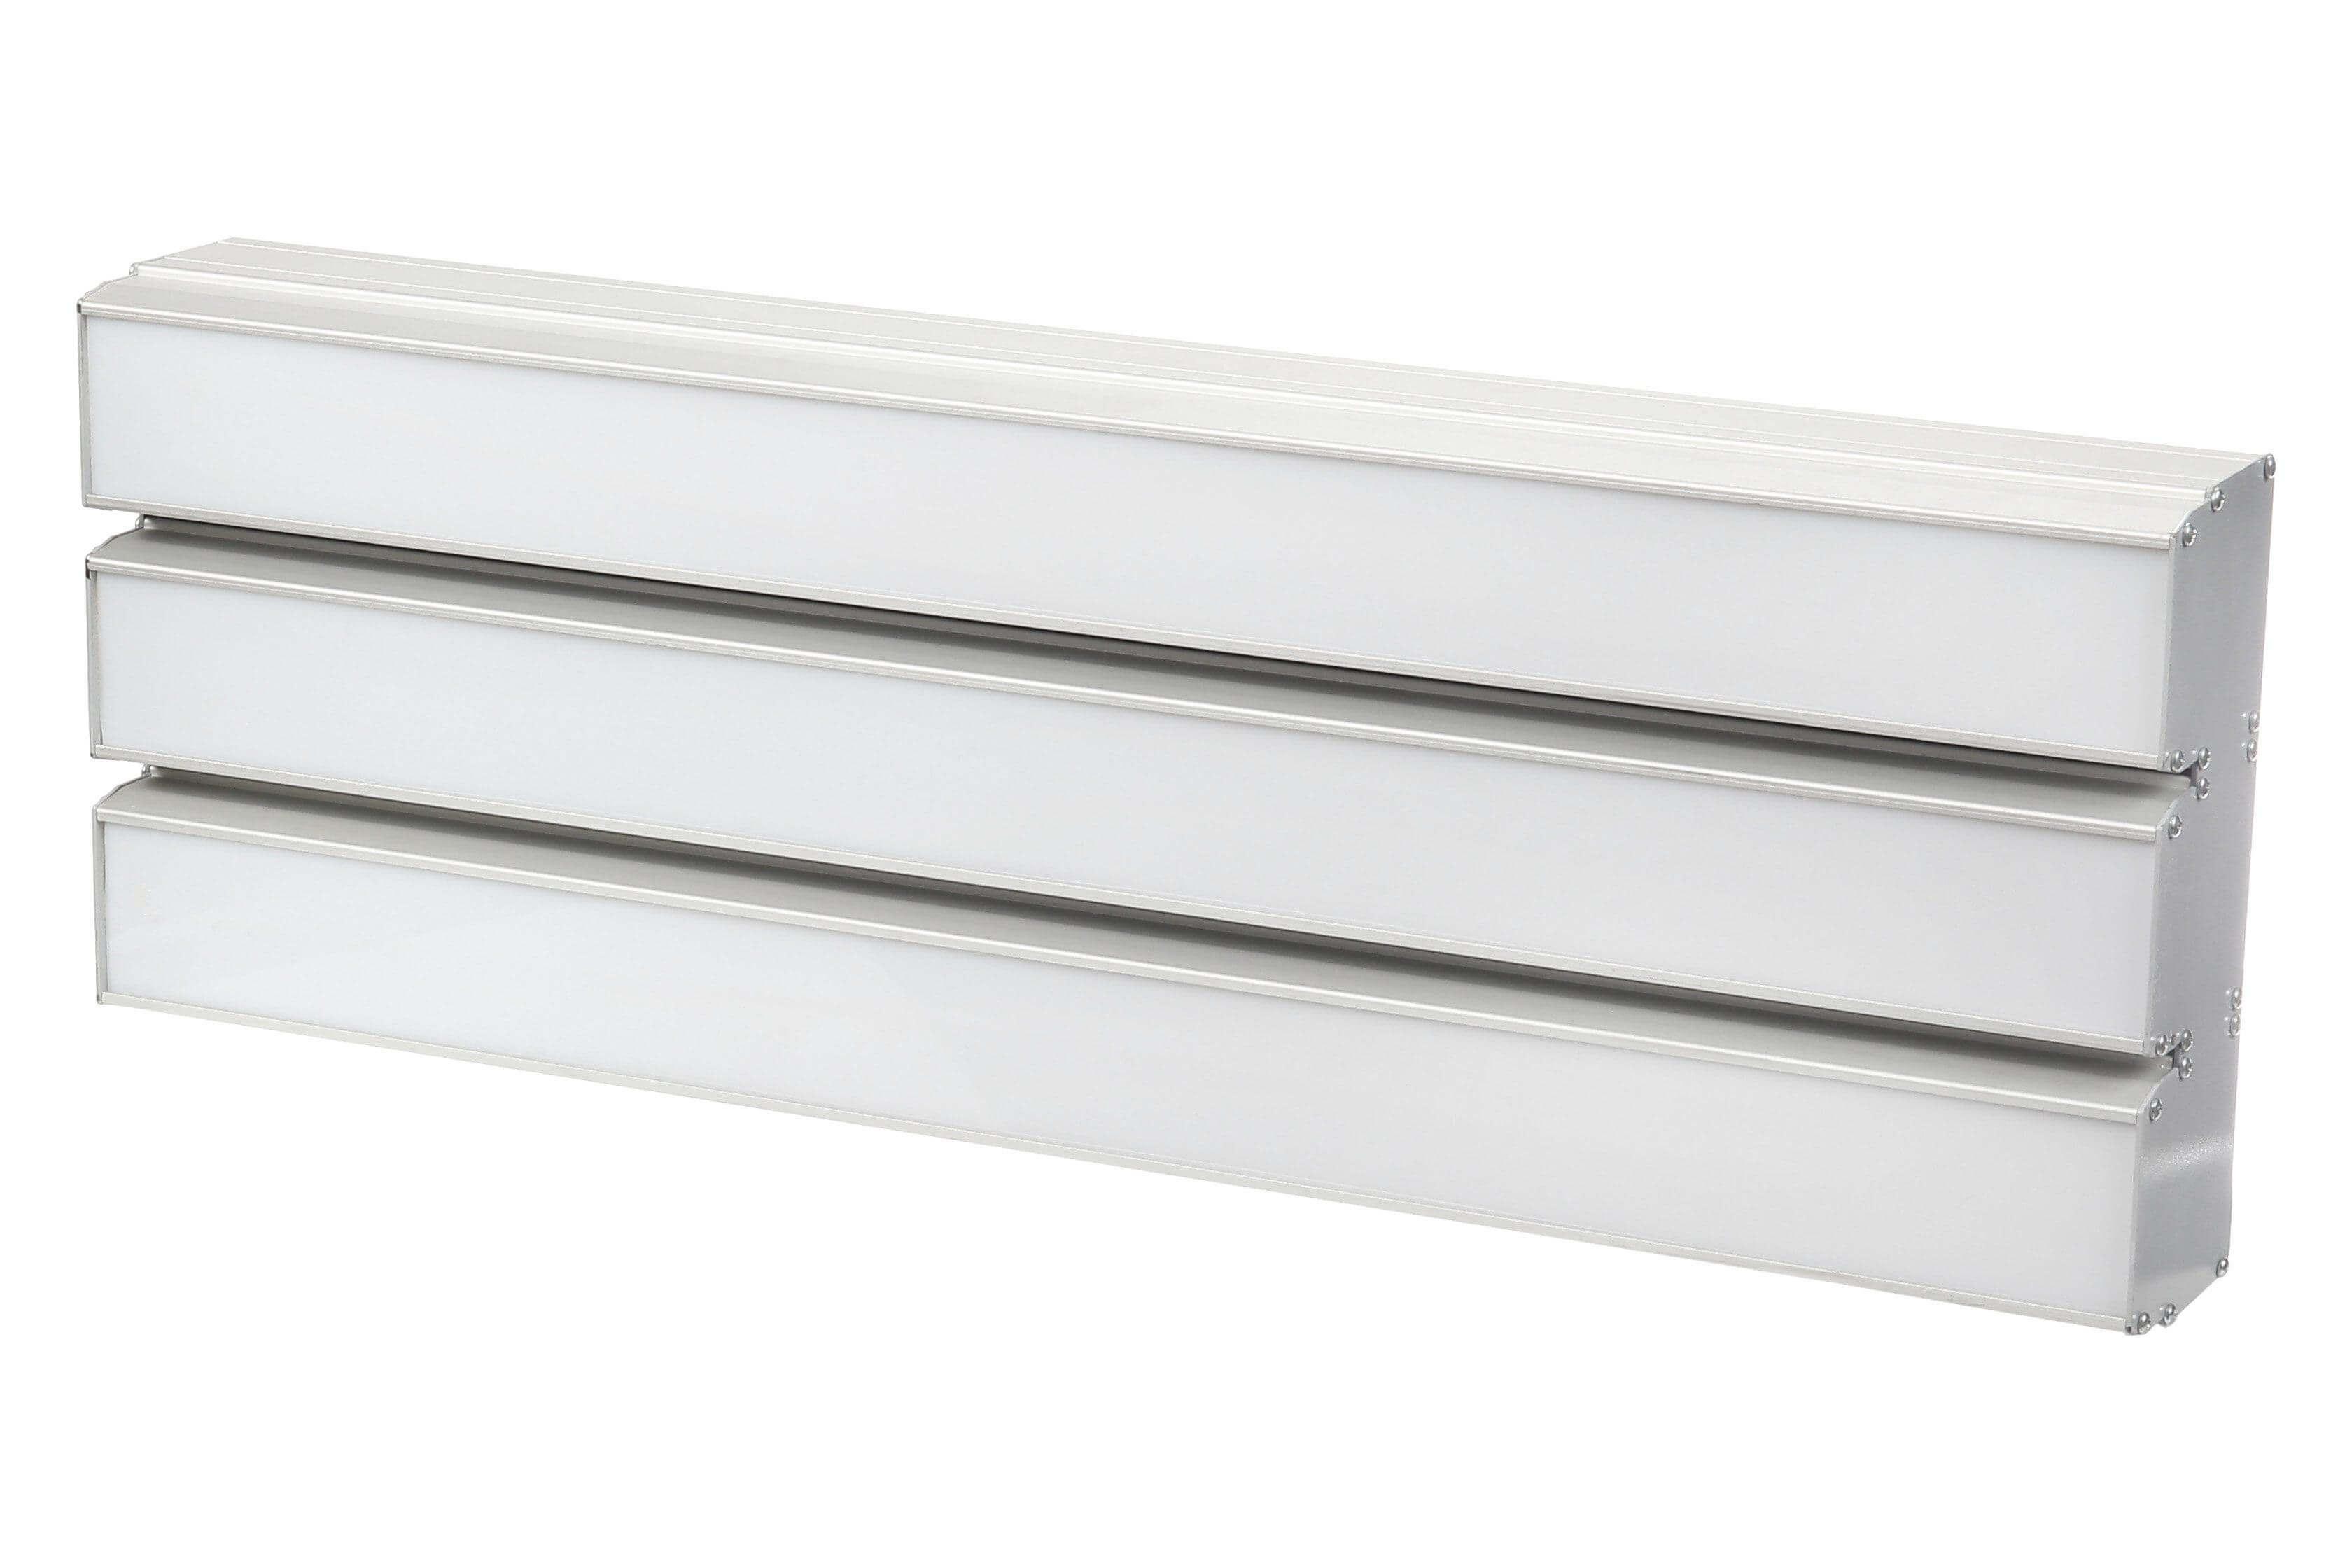 Светодиодный светильник LEDcraft LC-120-3PR2-OP-DW 120 Ватт IP20 (595 мм) Нейтральный Опал